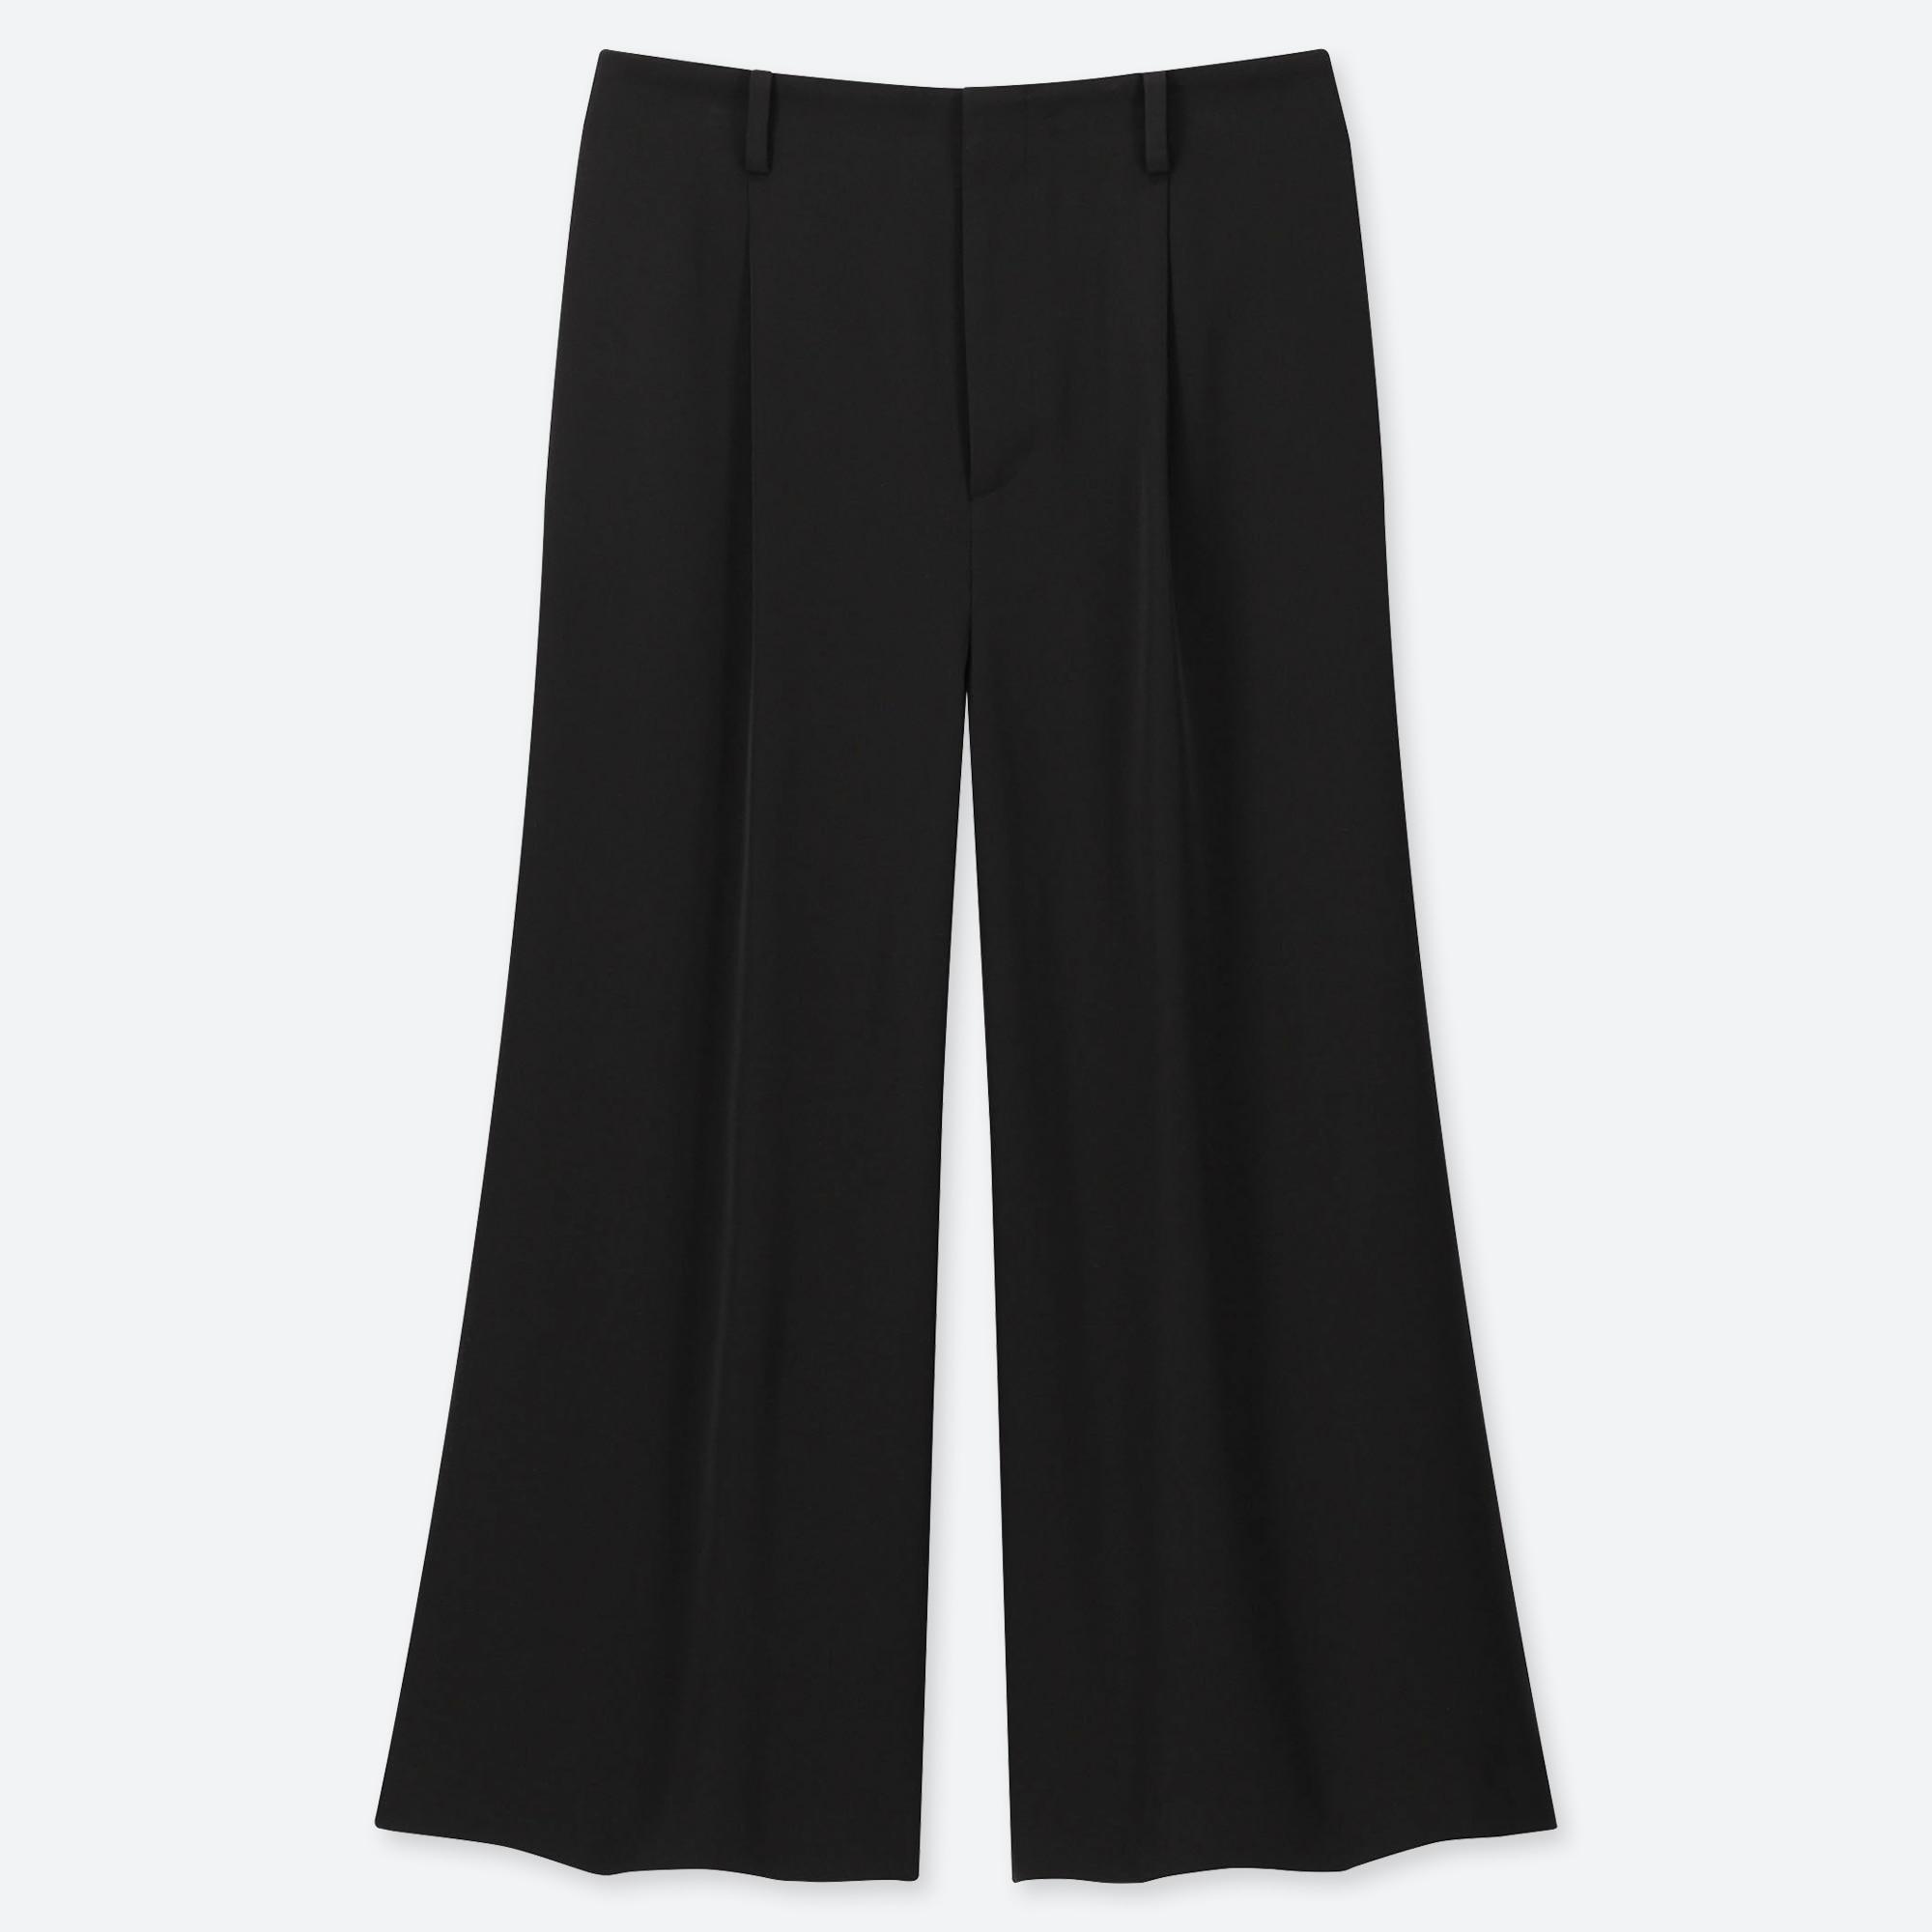 Large Large Pantalon Large Cropped Pantalon Cropped Femme Pantalon Femme bf76Ygy